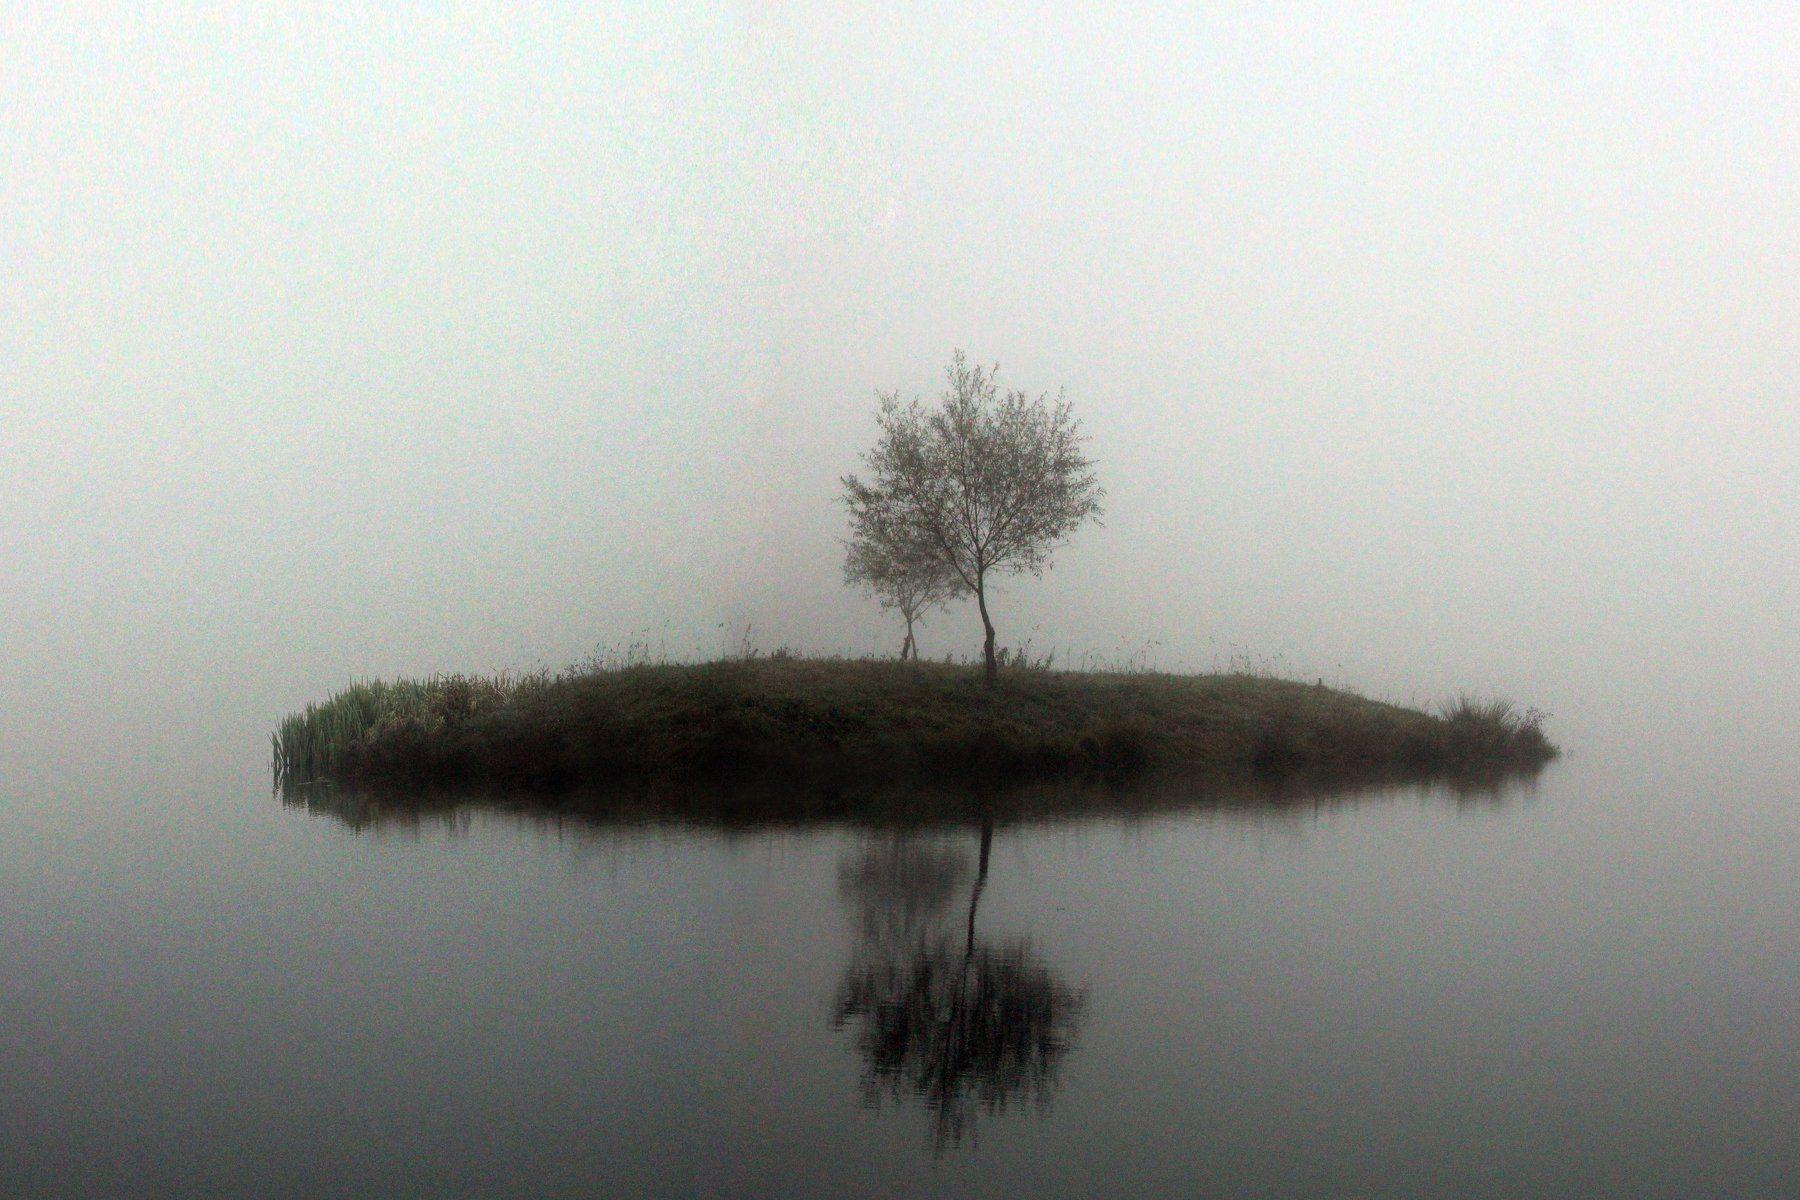 озеро осень дерево, Иванчиков Дмитрий